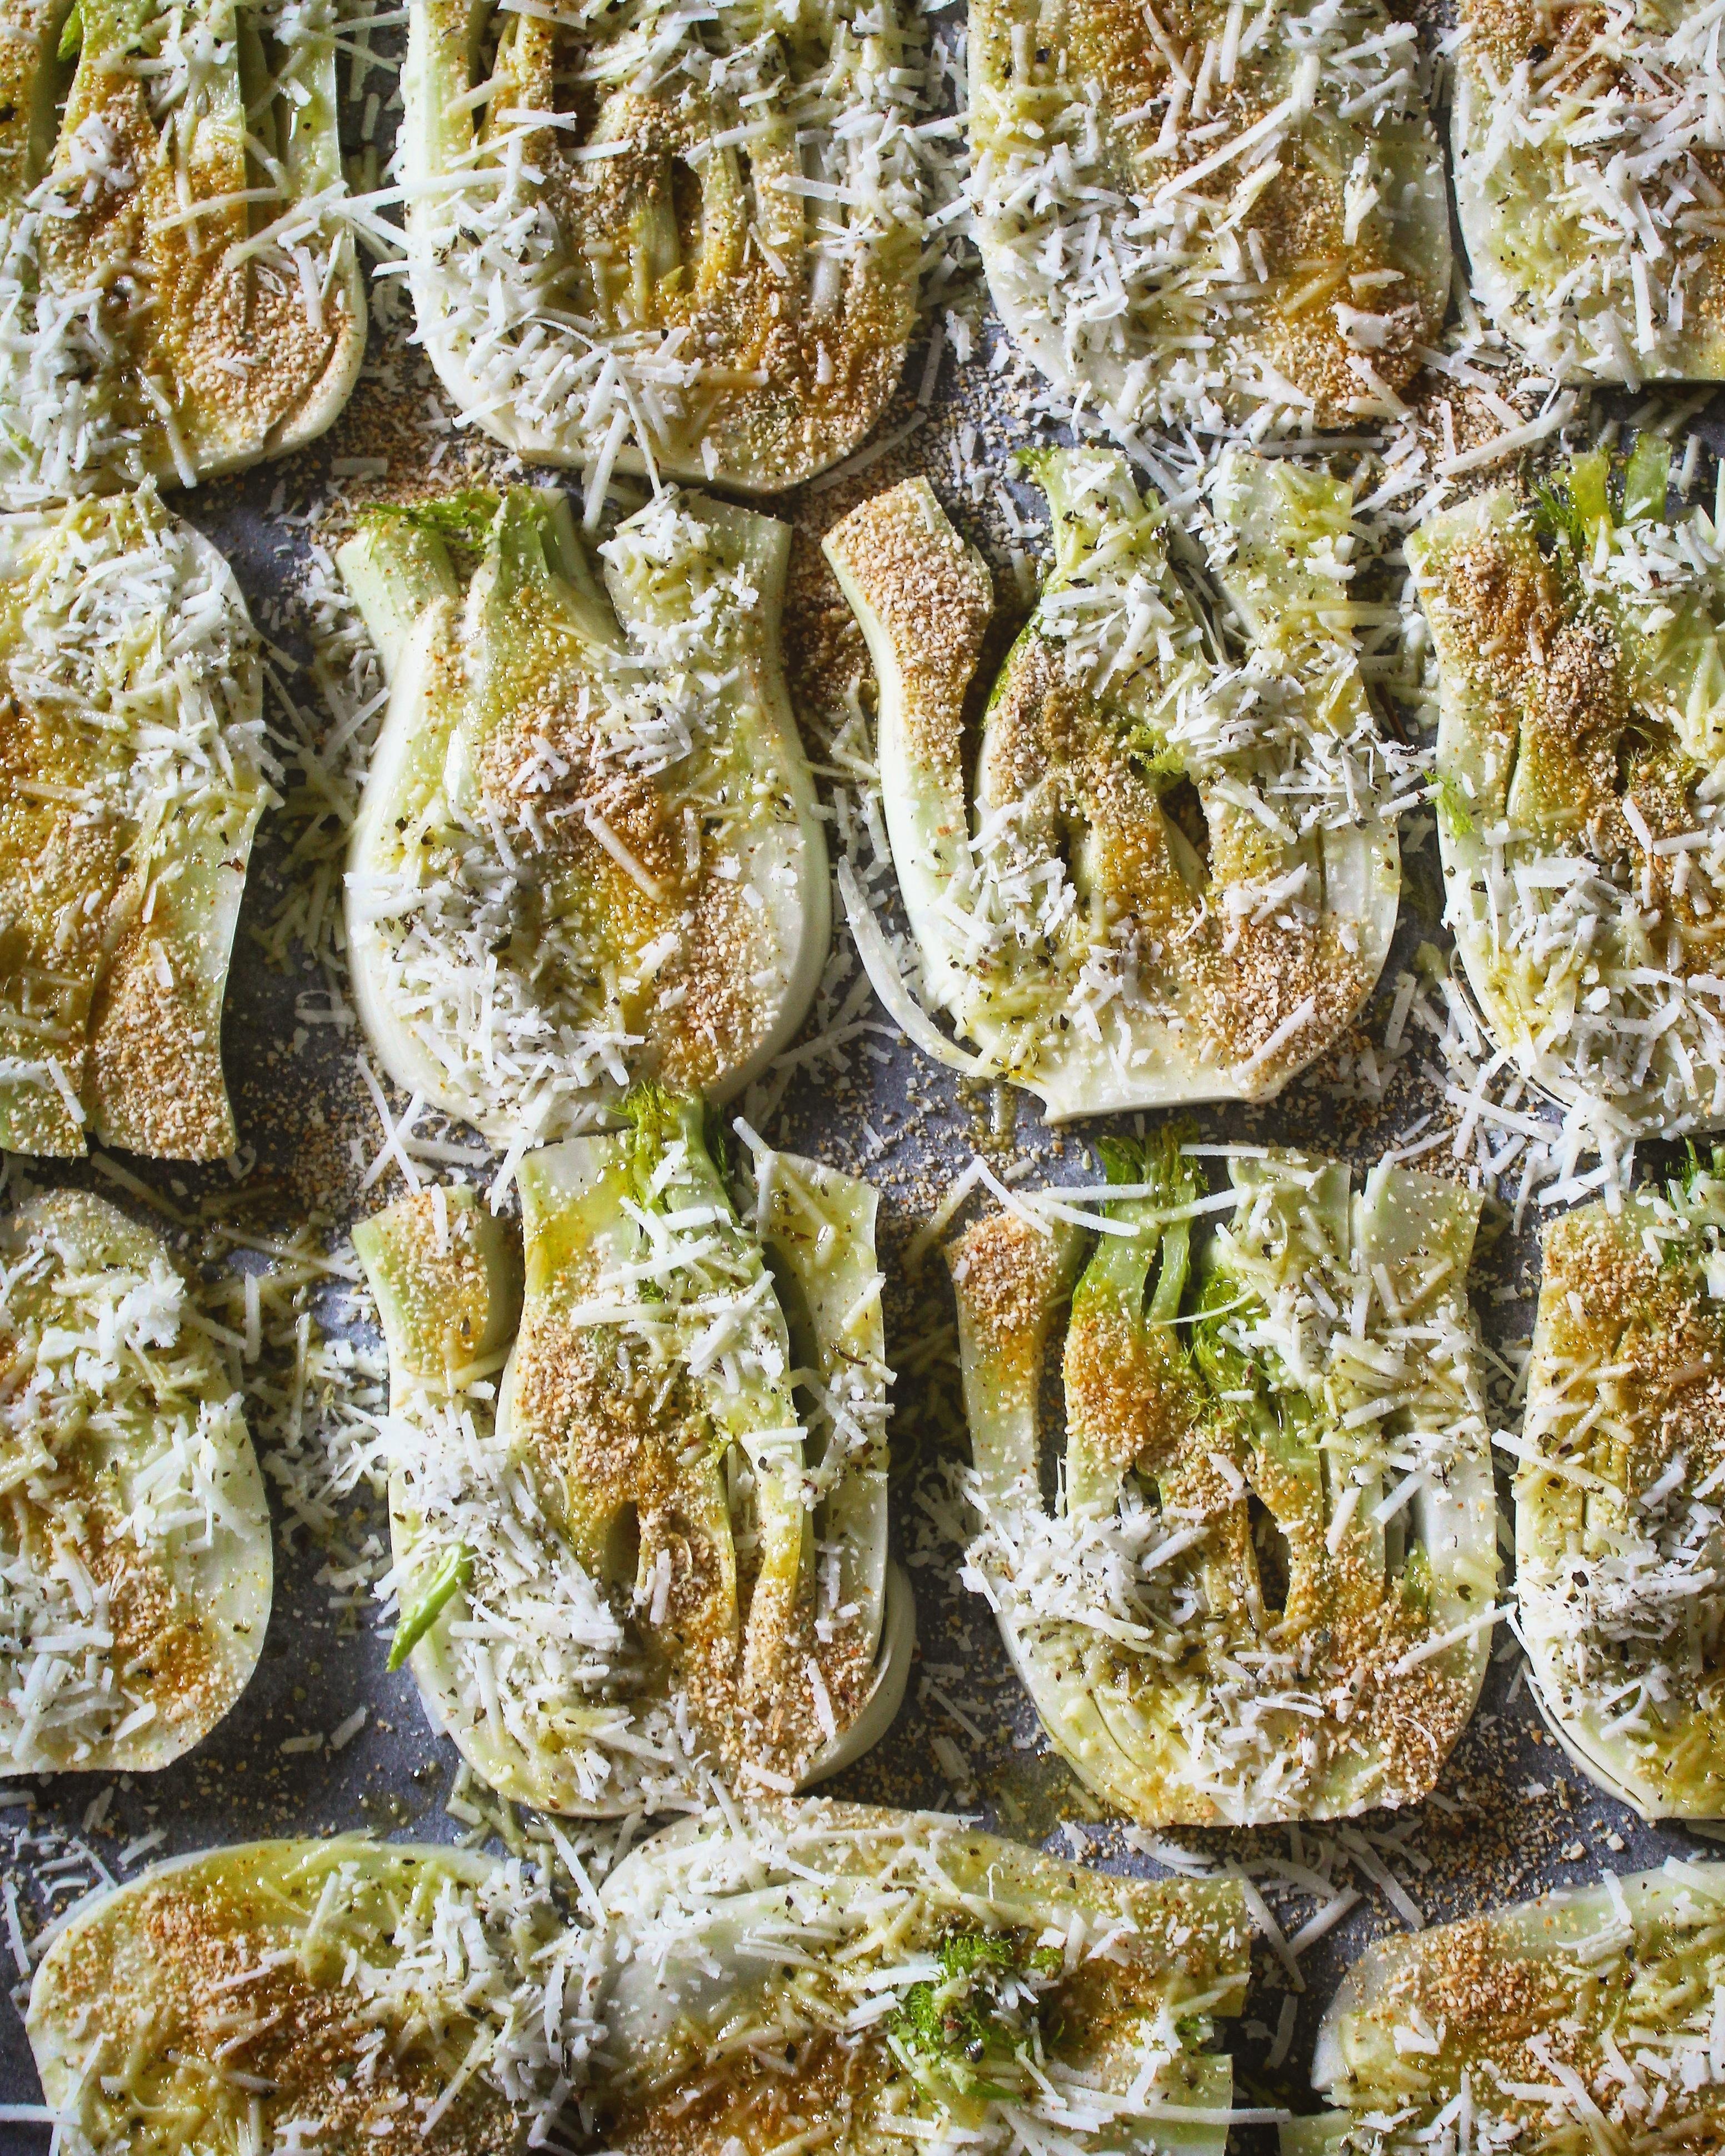 Torretta di finocchi gratinati, feta, pesto di fave e pistacchi